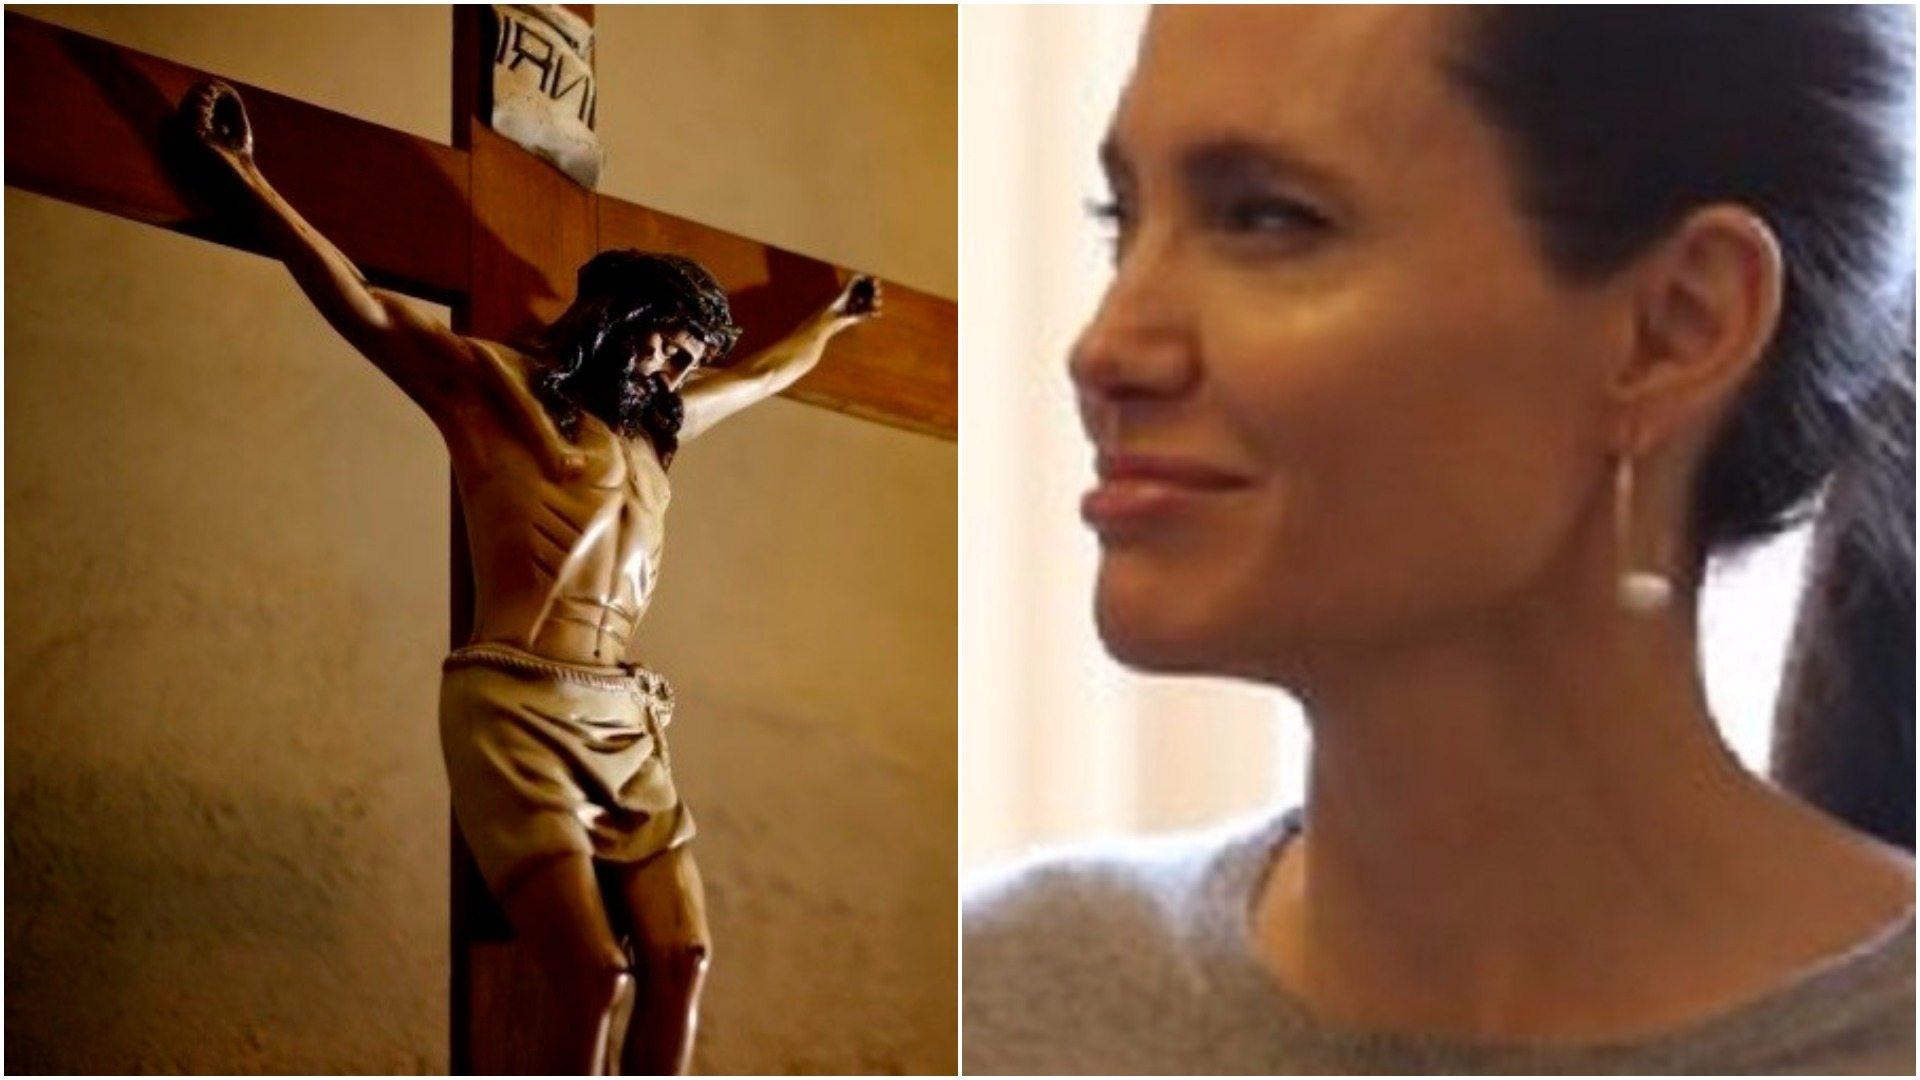 Chrześcijanie oburzeni zachowaniem Angeliny Jolie. Pokazała arcybiskupowi sterczące sutki  (foto)